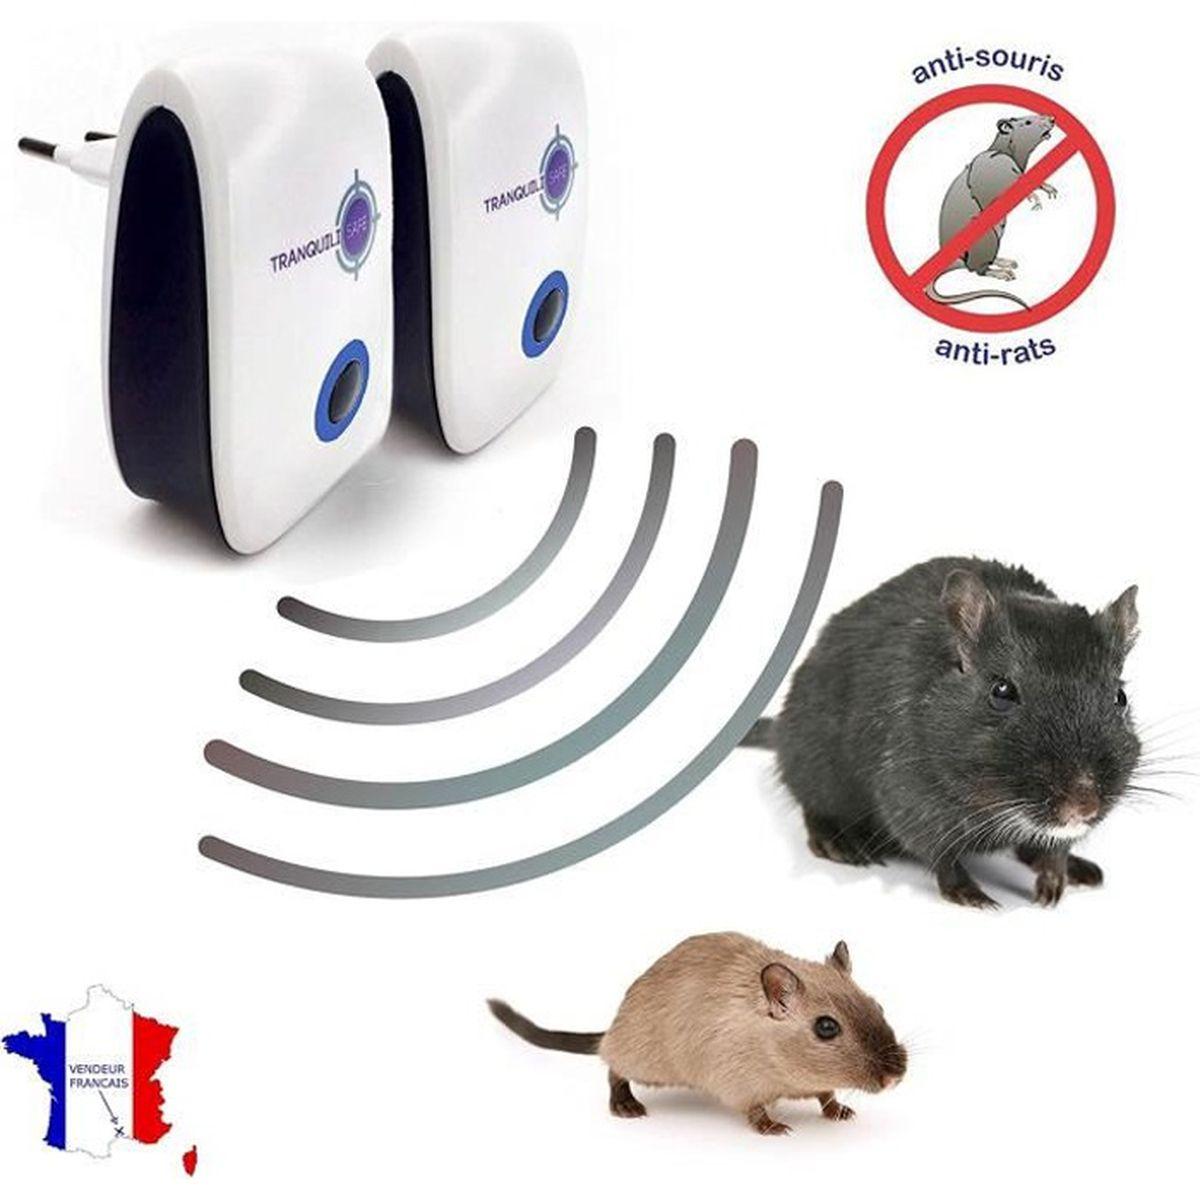 J Ai Une Souris Dans Mon Mur lot de 2 répulsifs ultrason souris rat i anti rongeur i appareil ultrasons  pour se débarrasser des souris i anti souris i anti